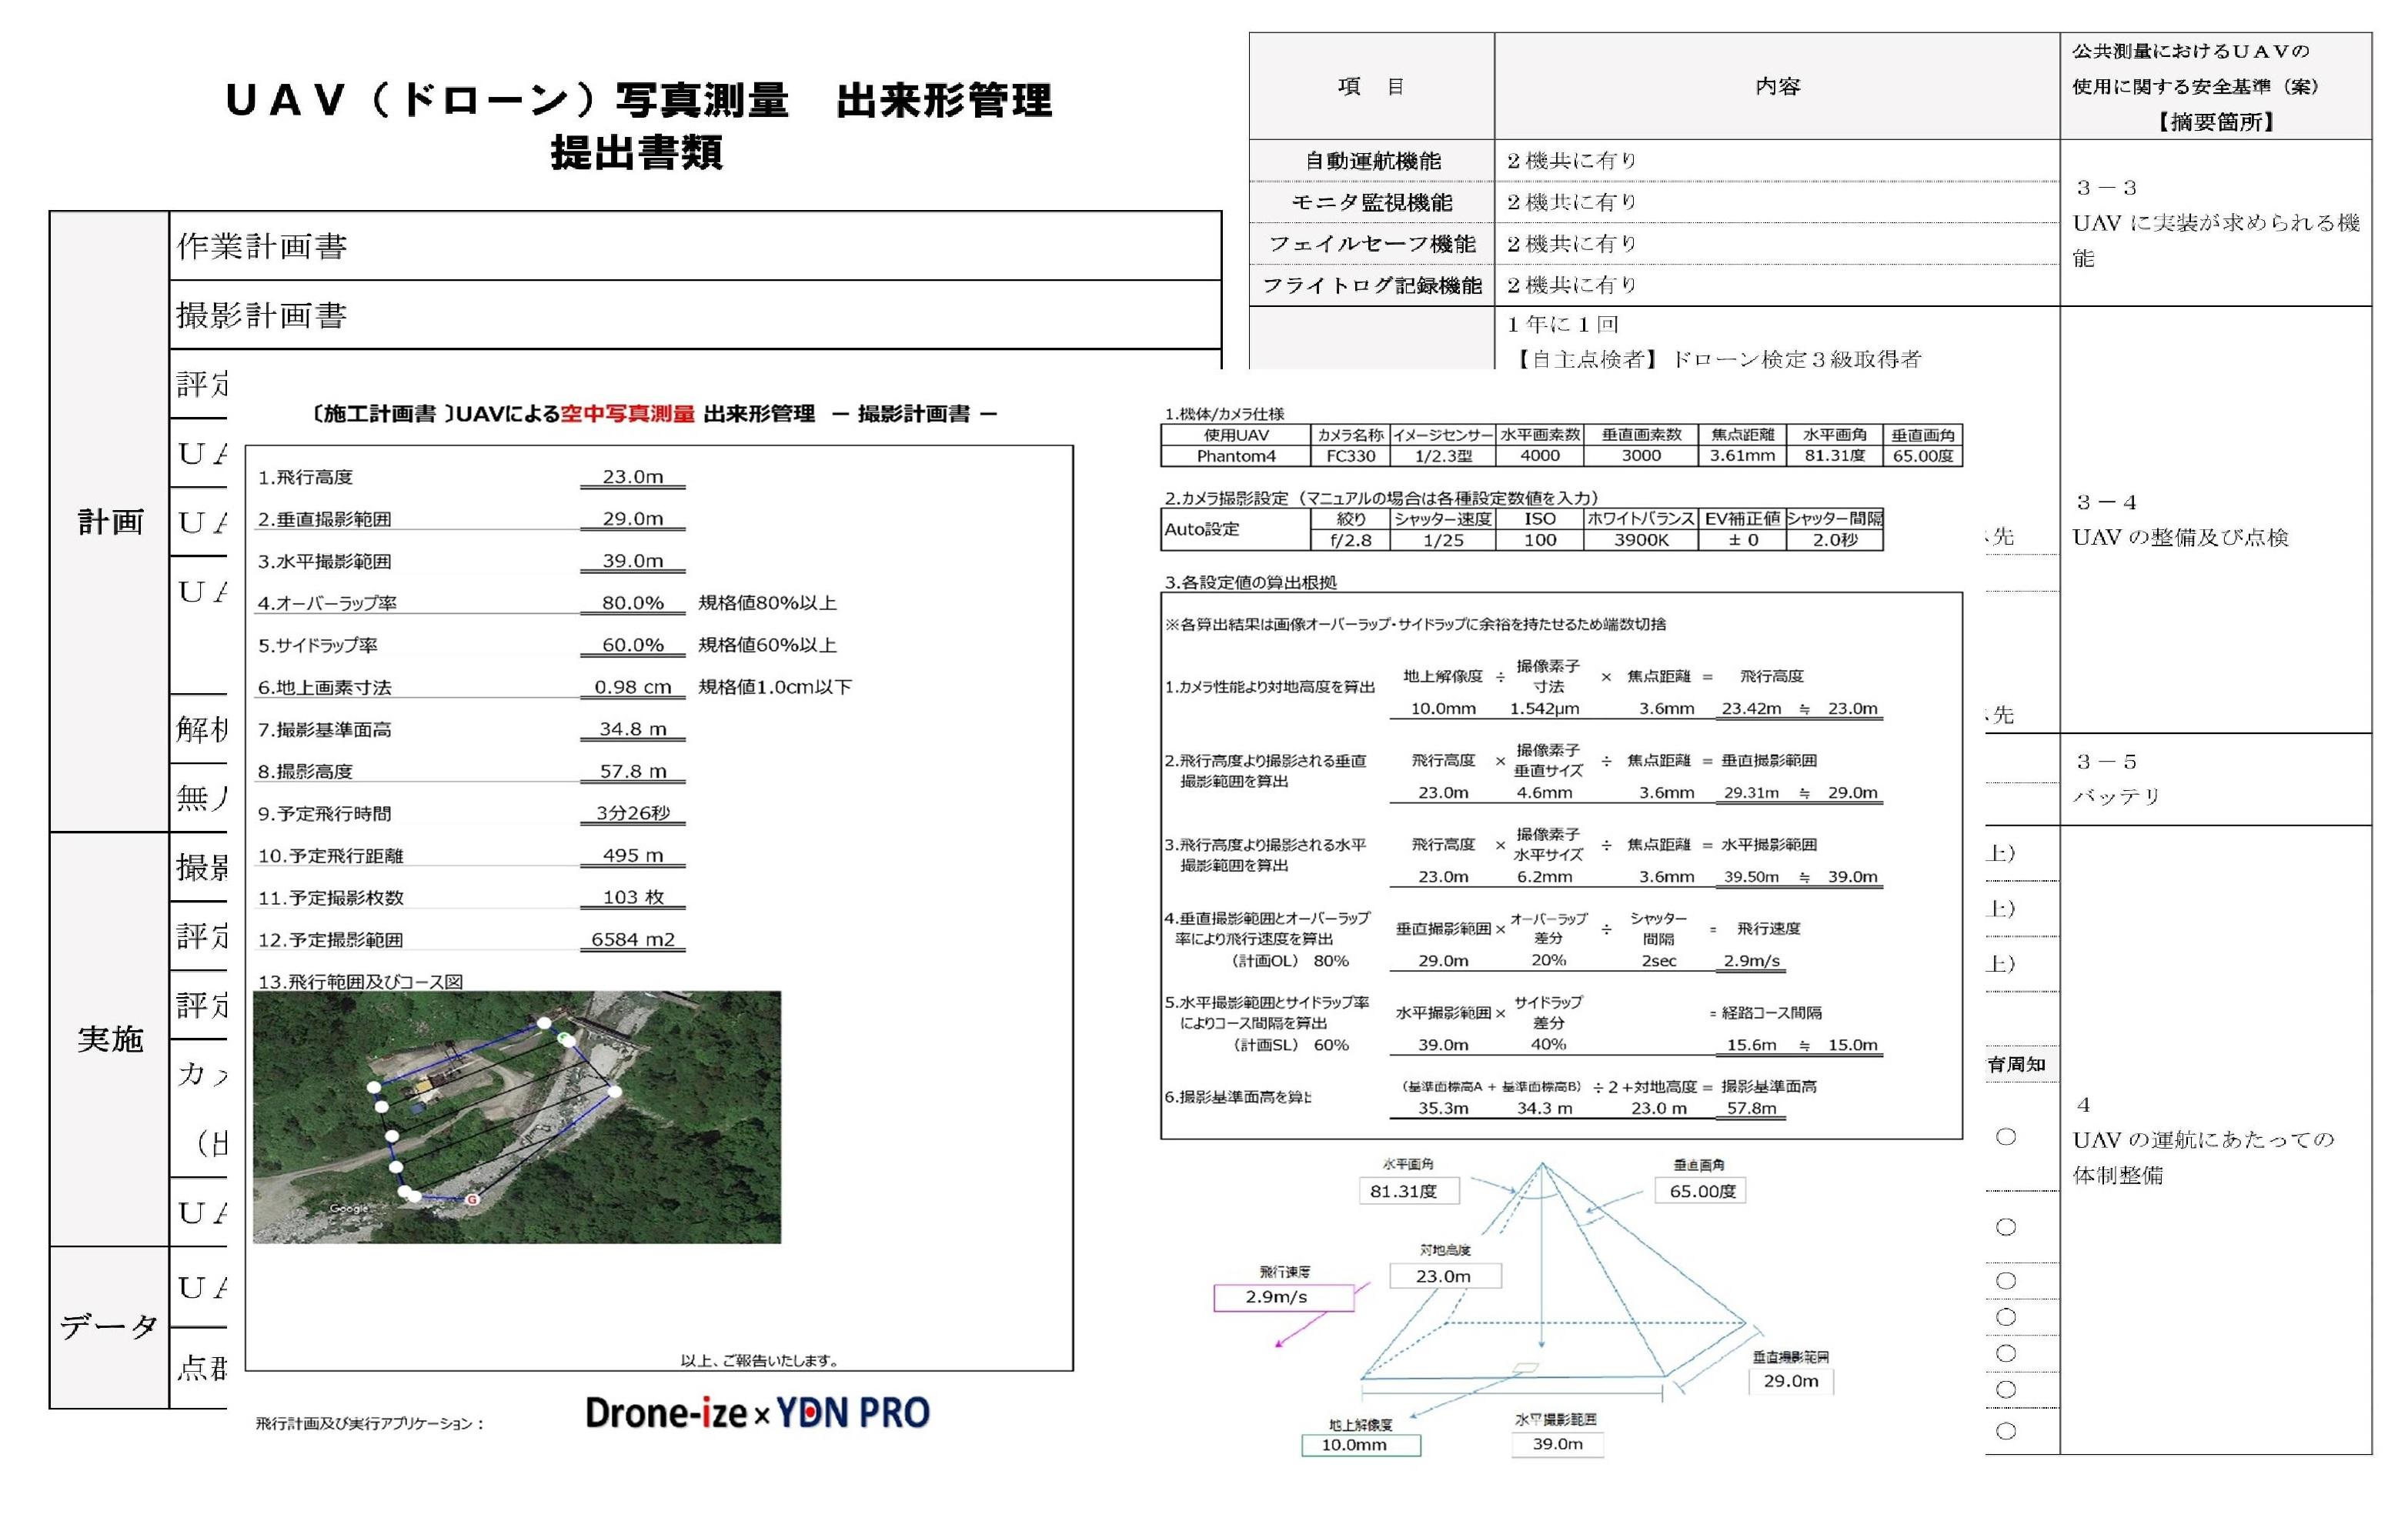 2018-09-14 出来形管理.jpg